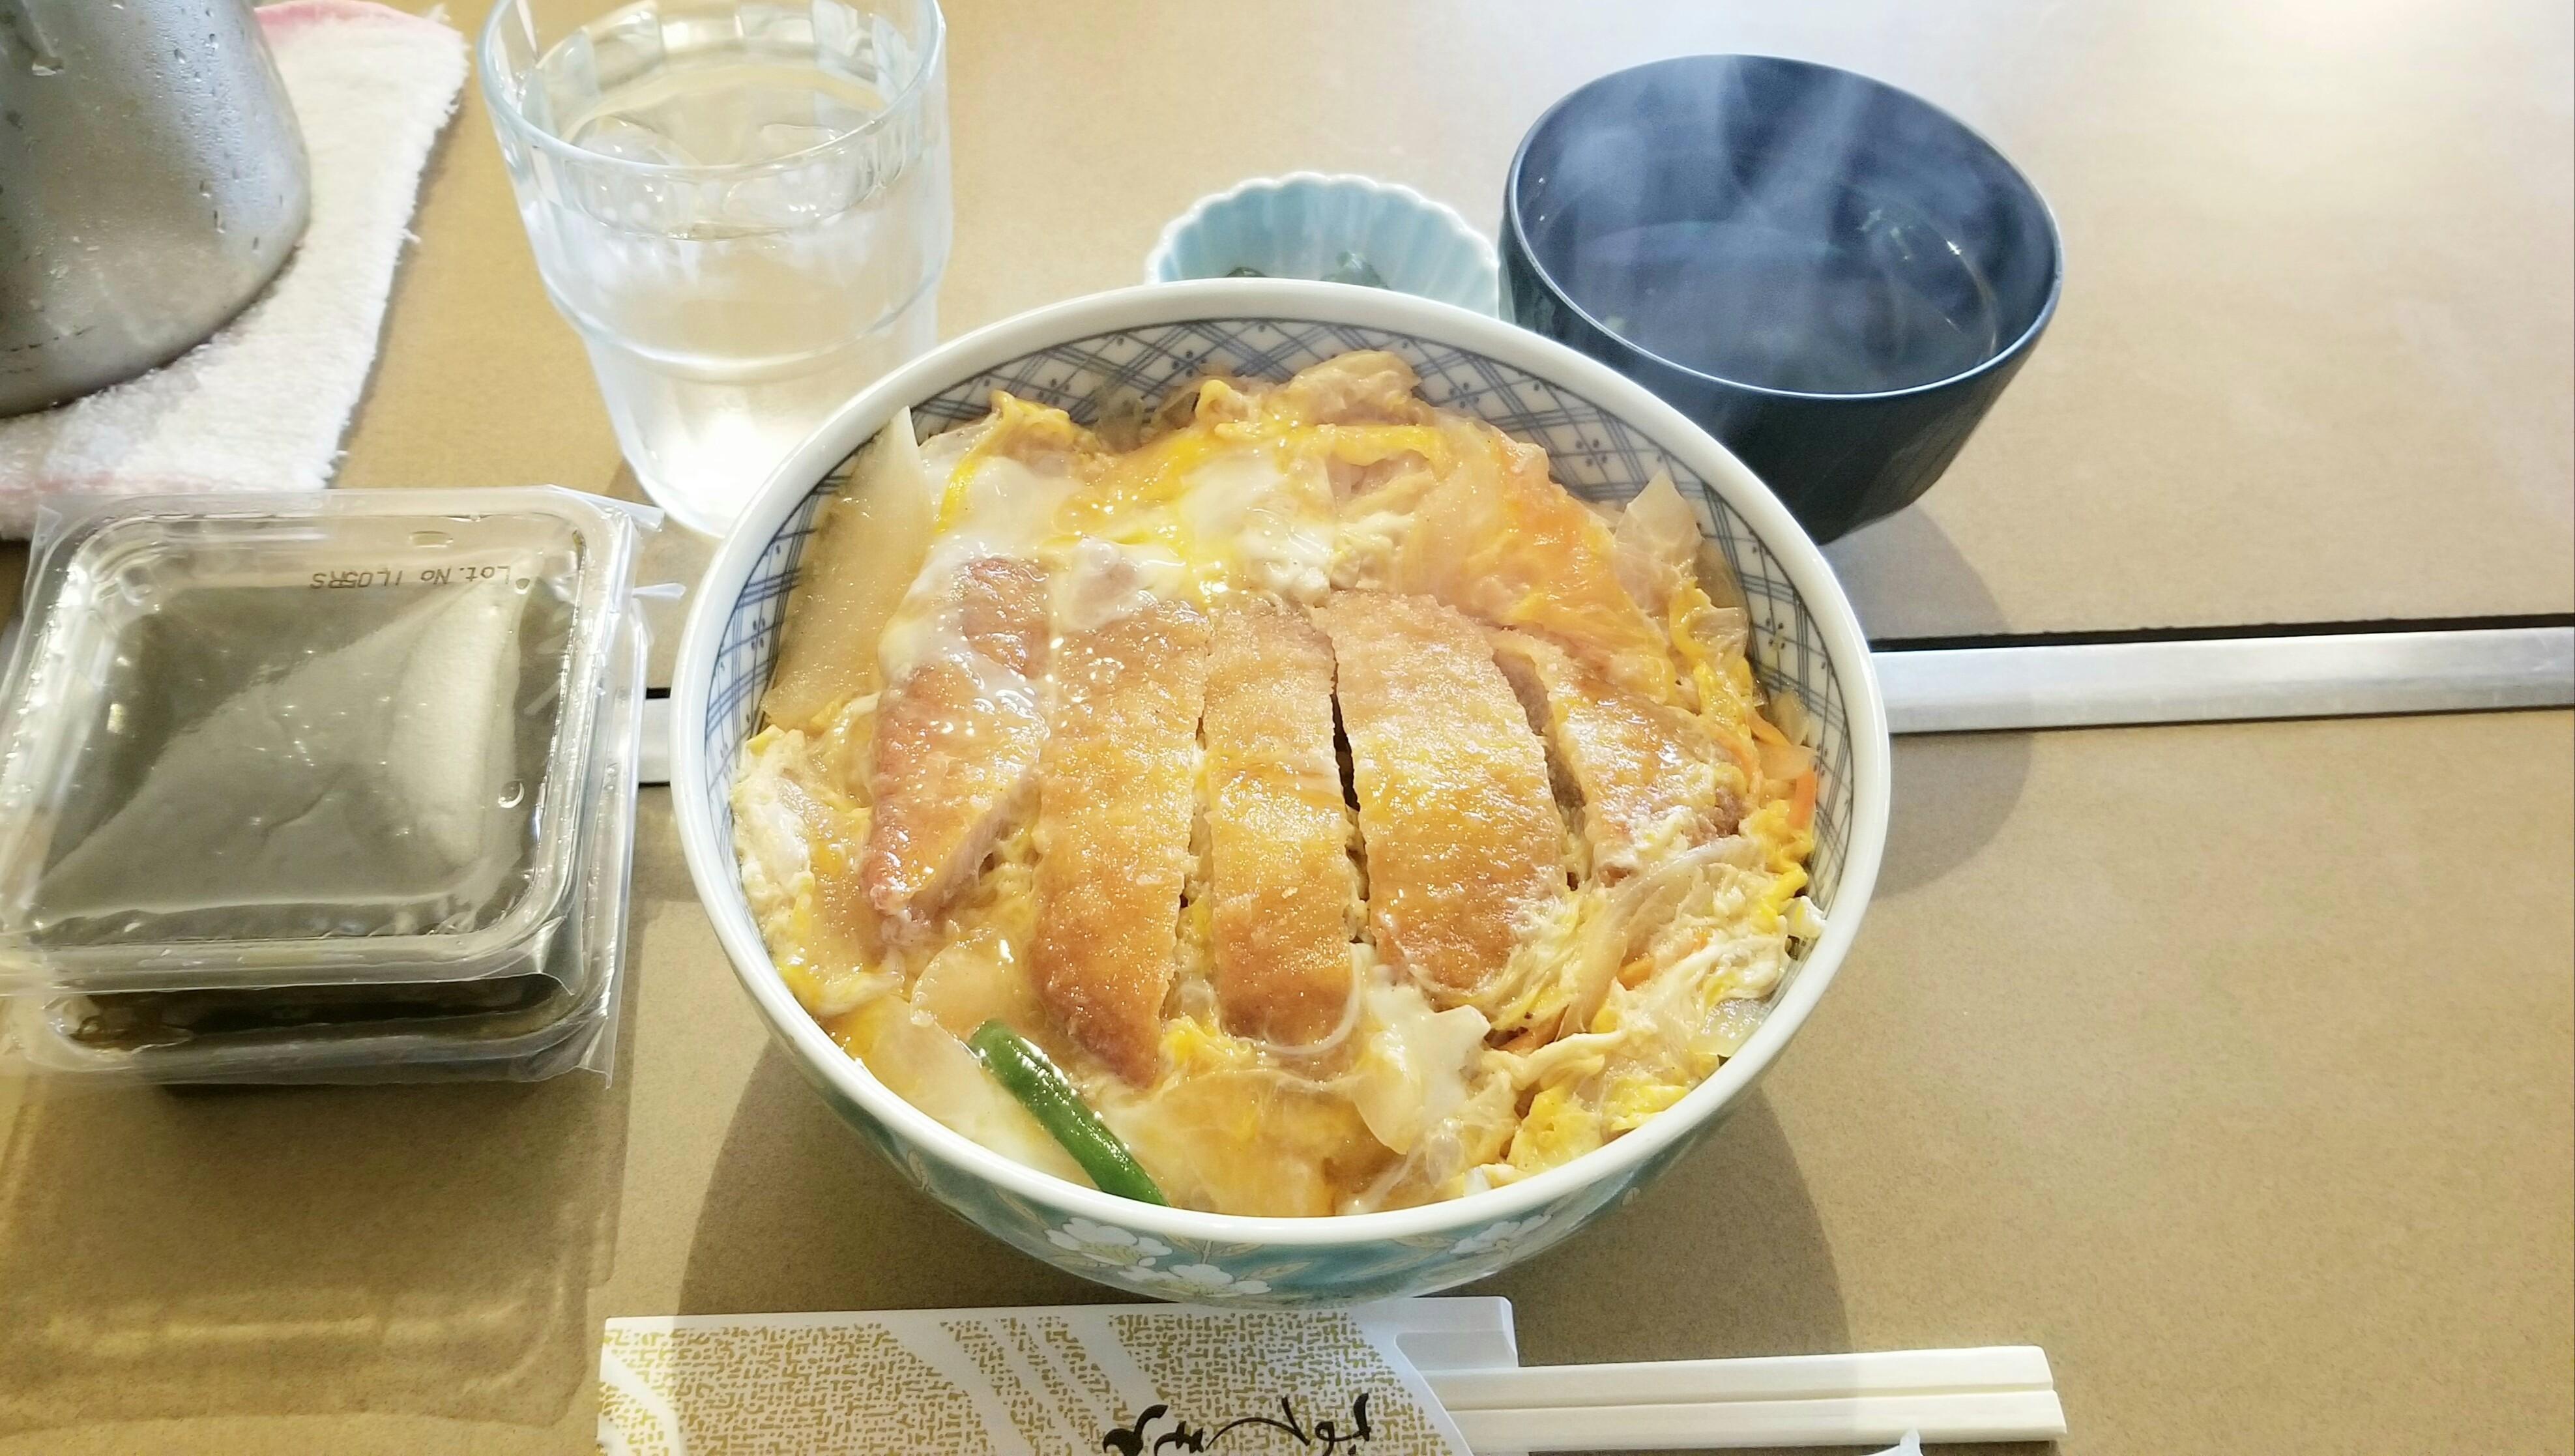 愛媛県松山市四国グルメランチおすすめ人気店飯テロ写真安い